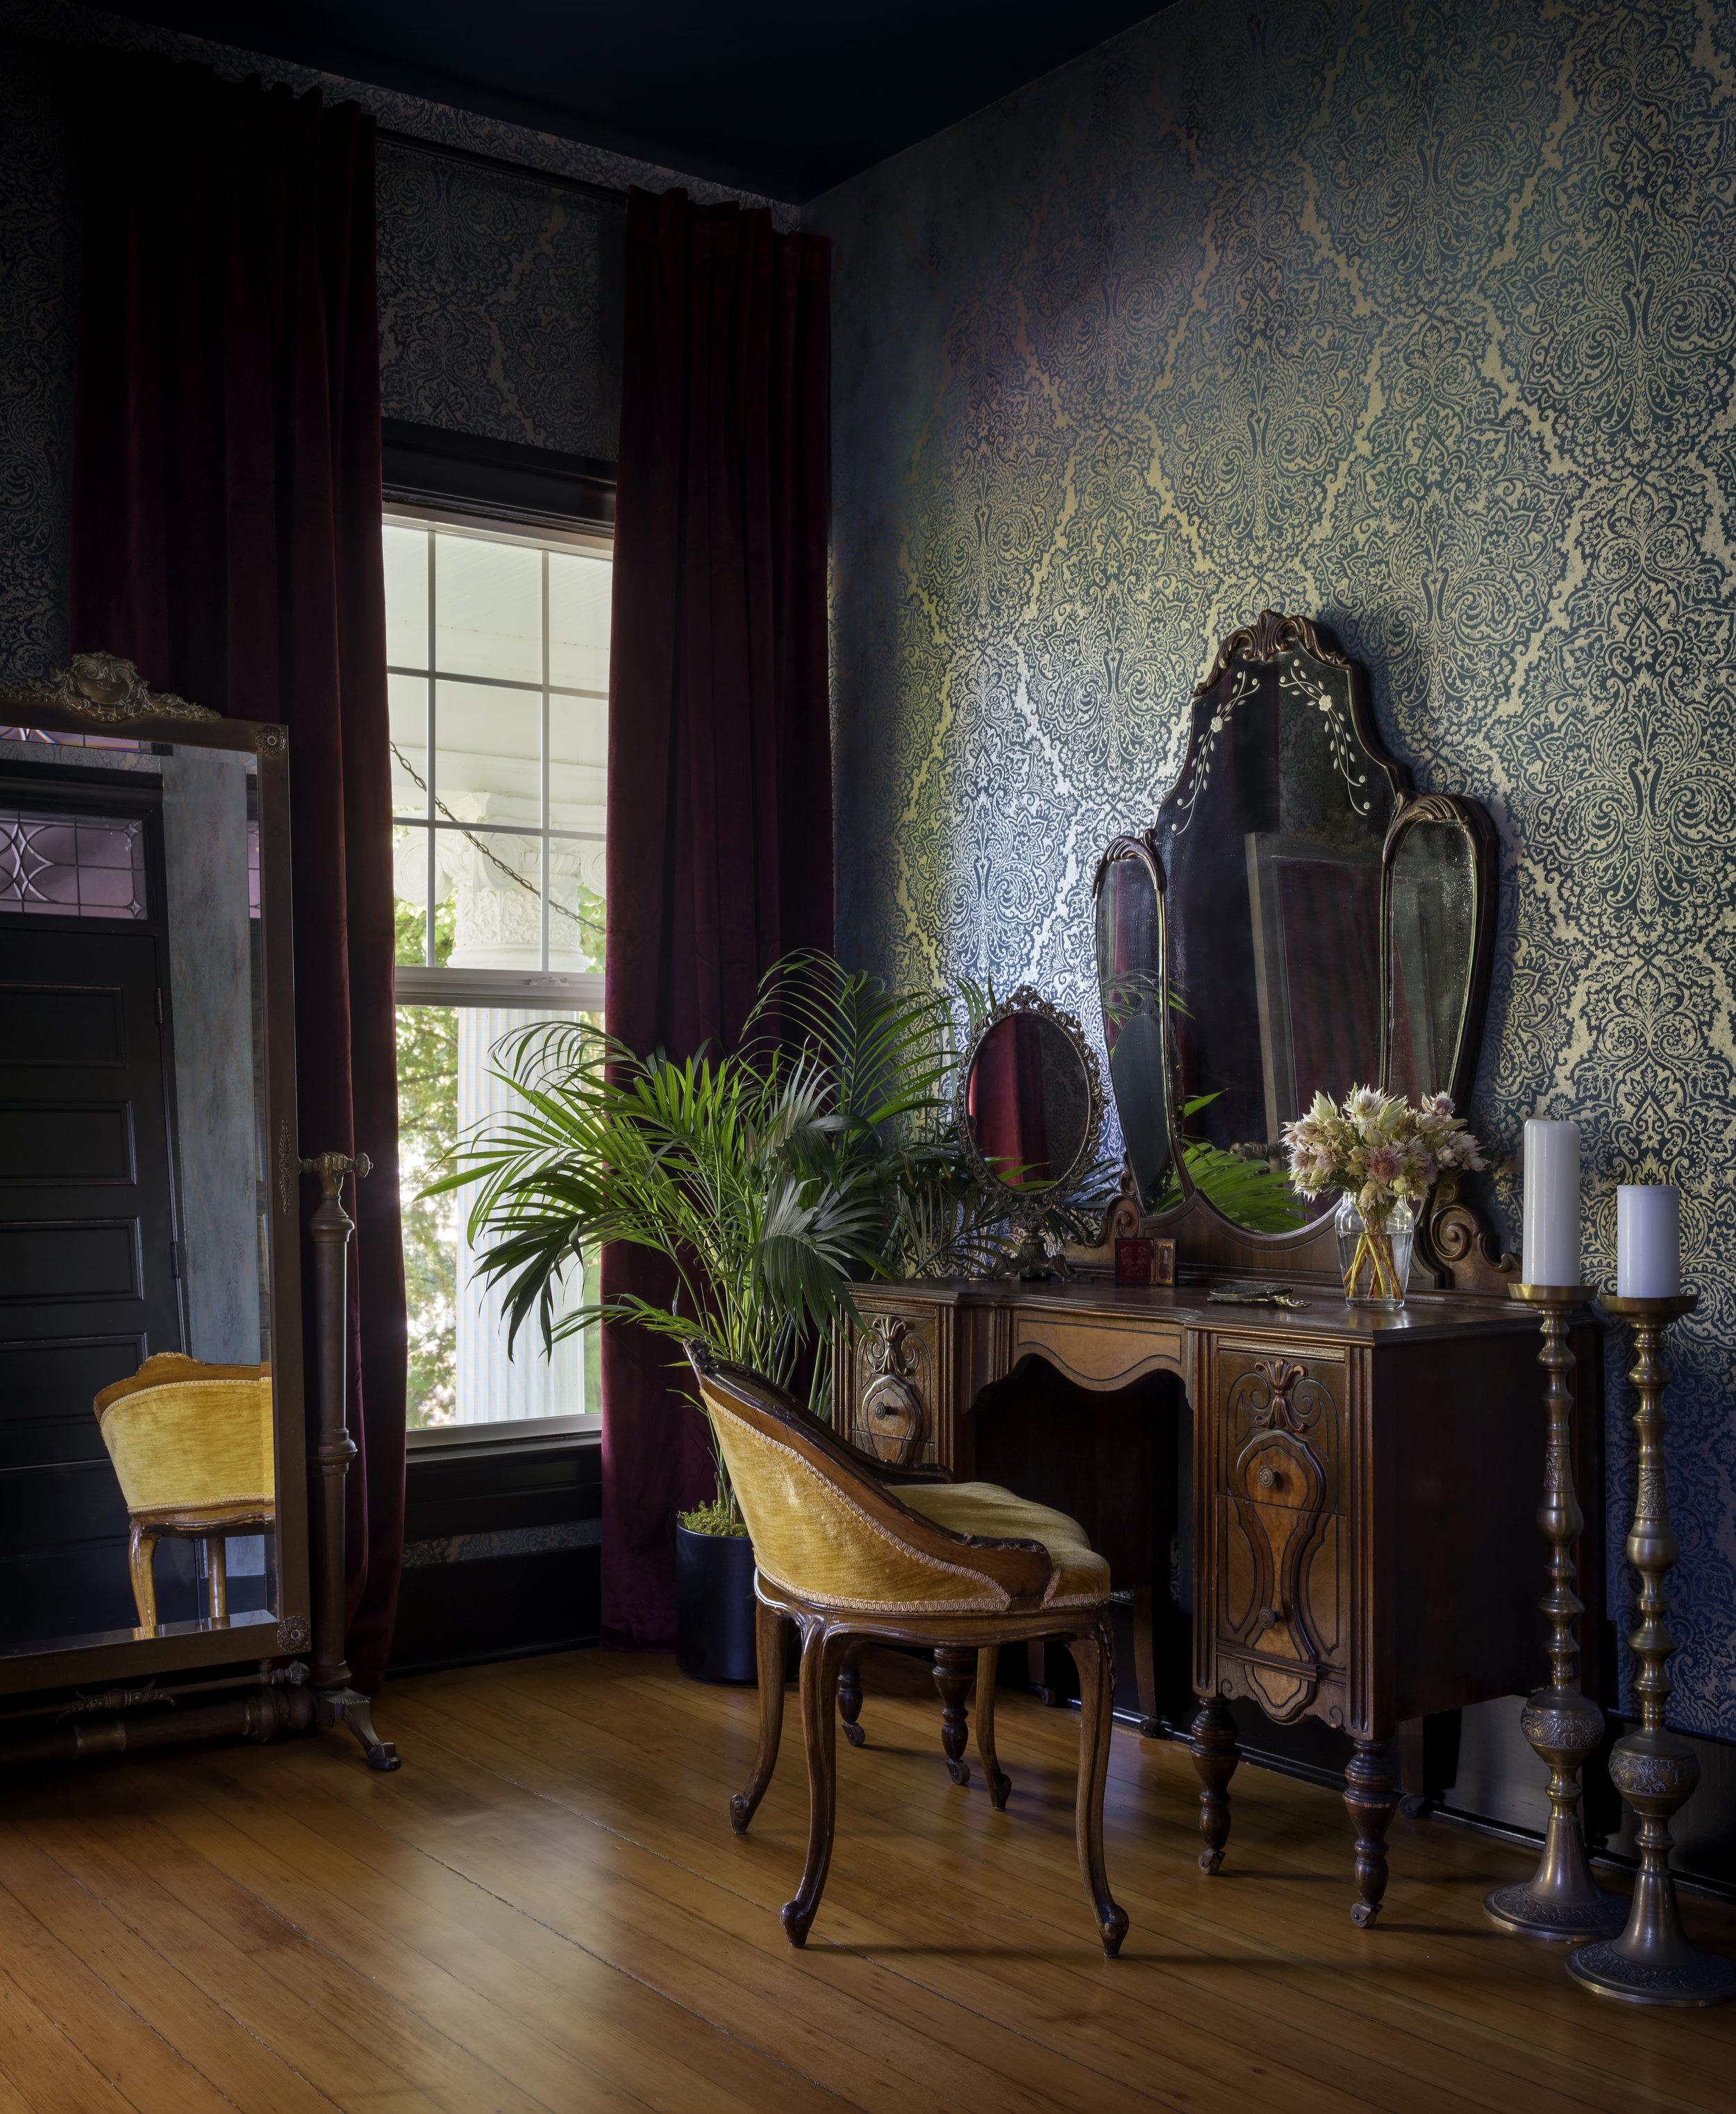 michelle-dirkse-historic-residence-7.jpg